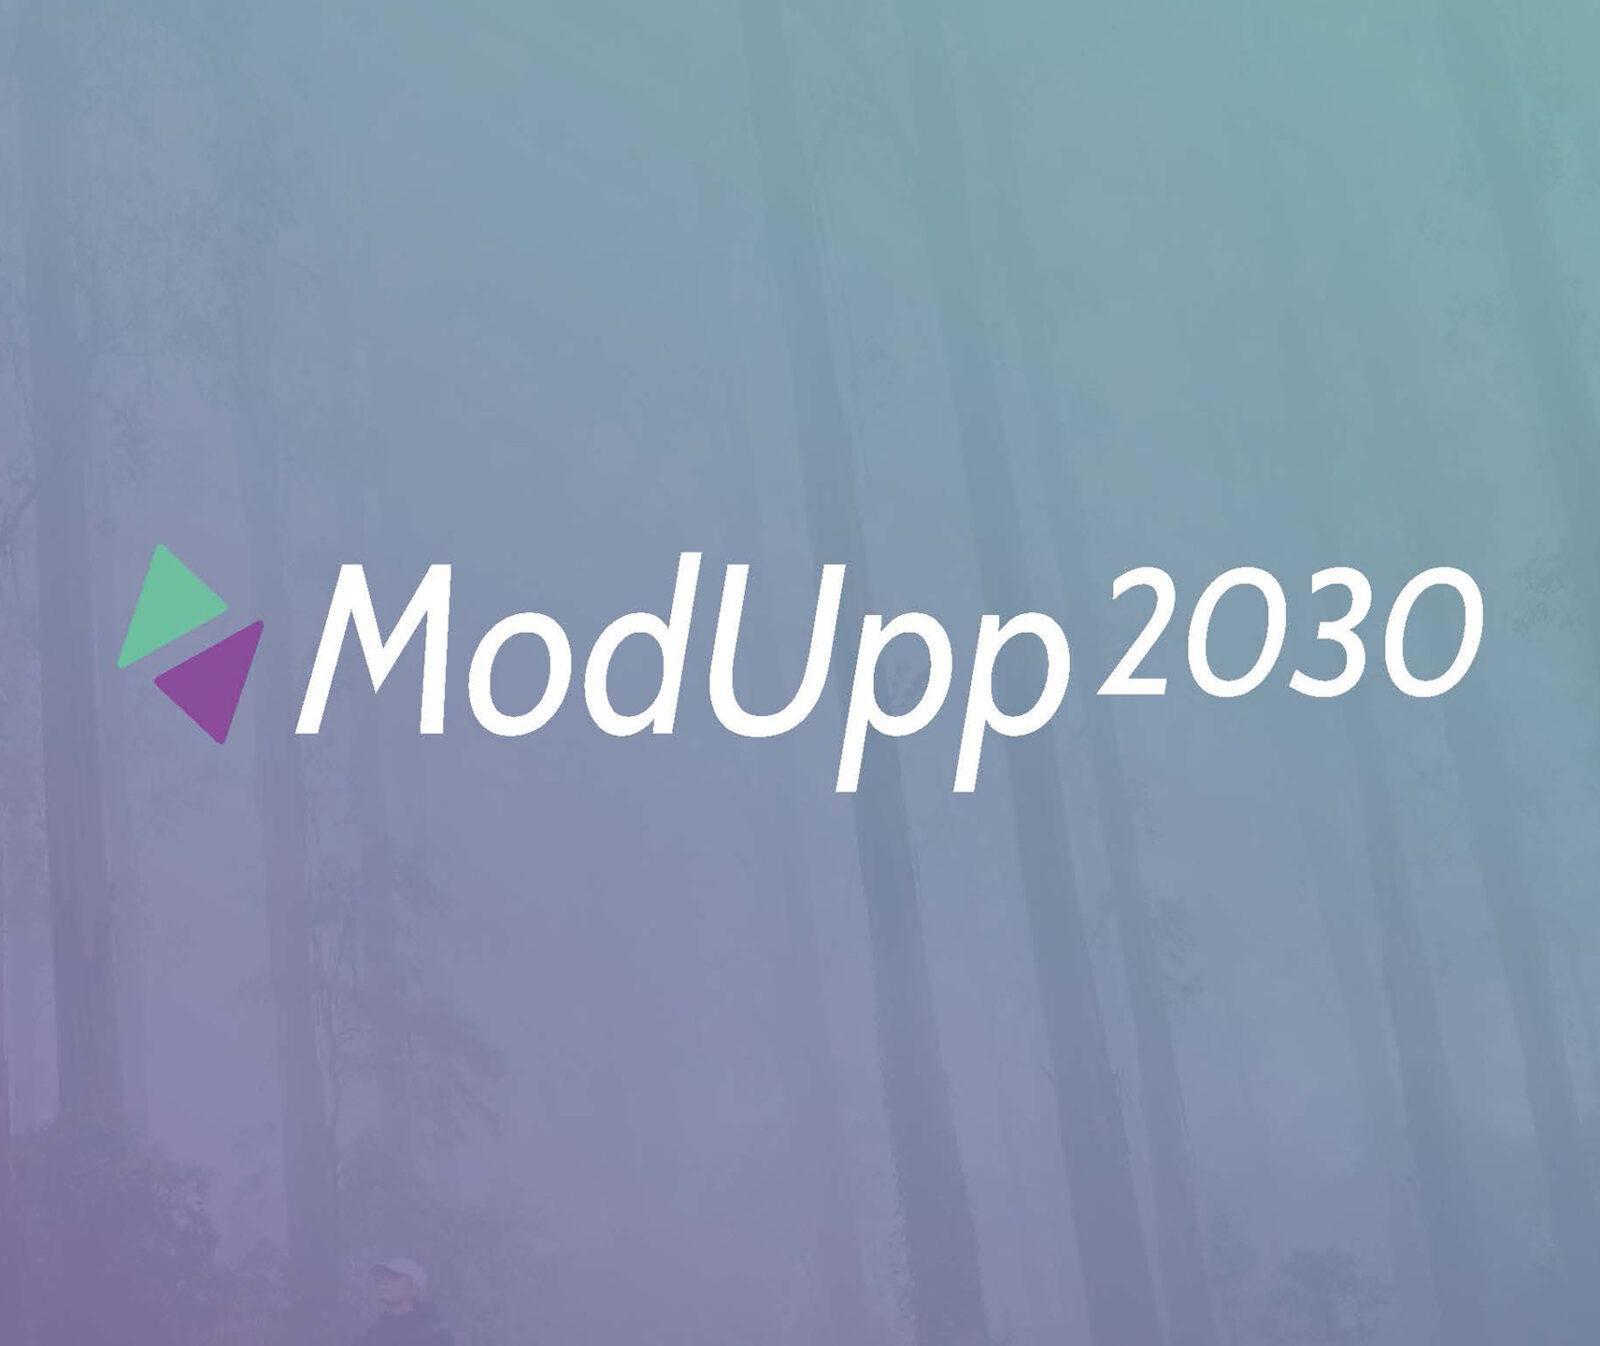 modupp-2030, hållbara, upphandling, modupp